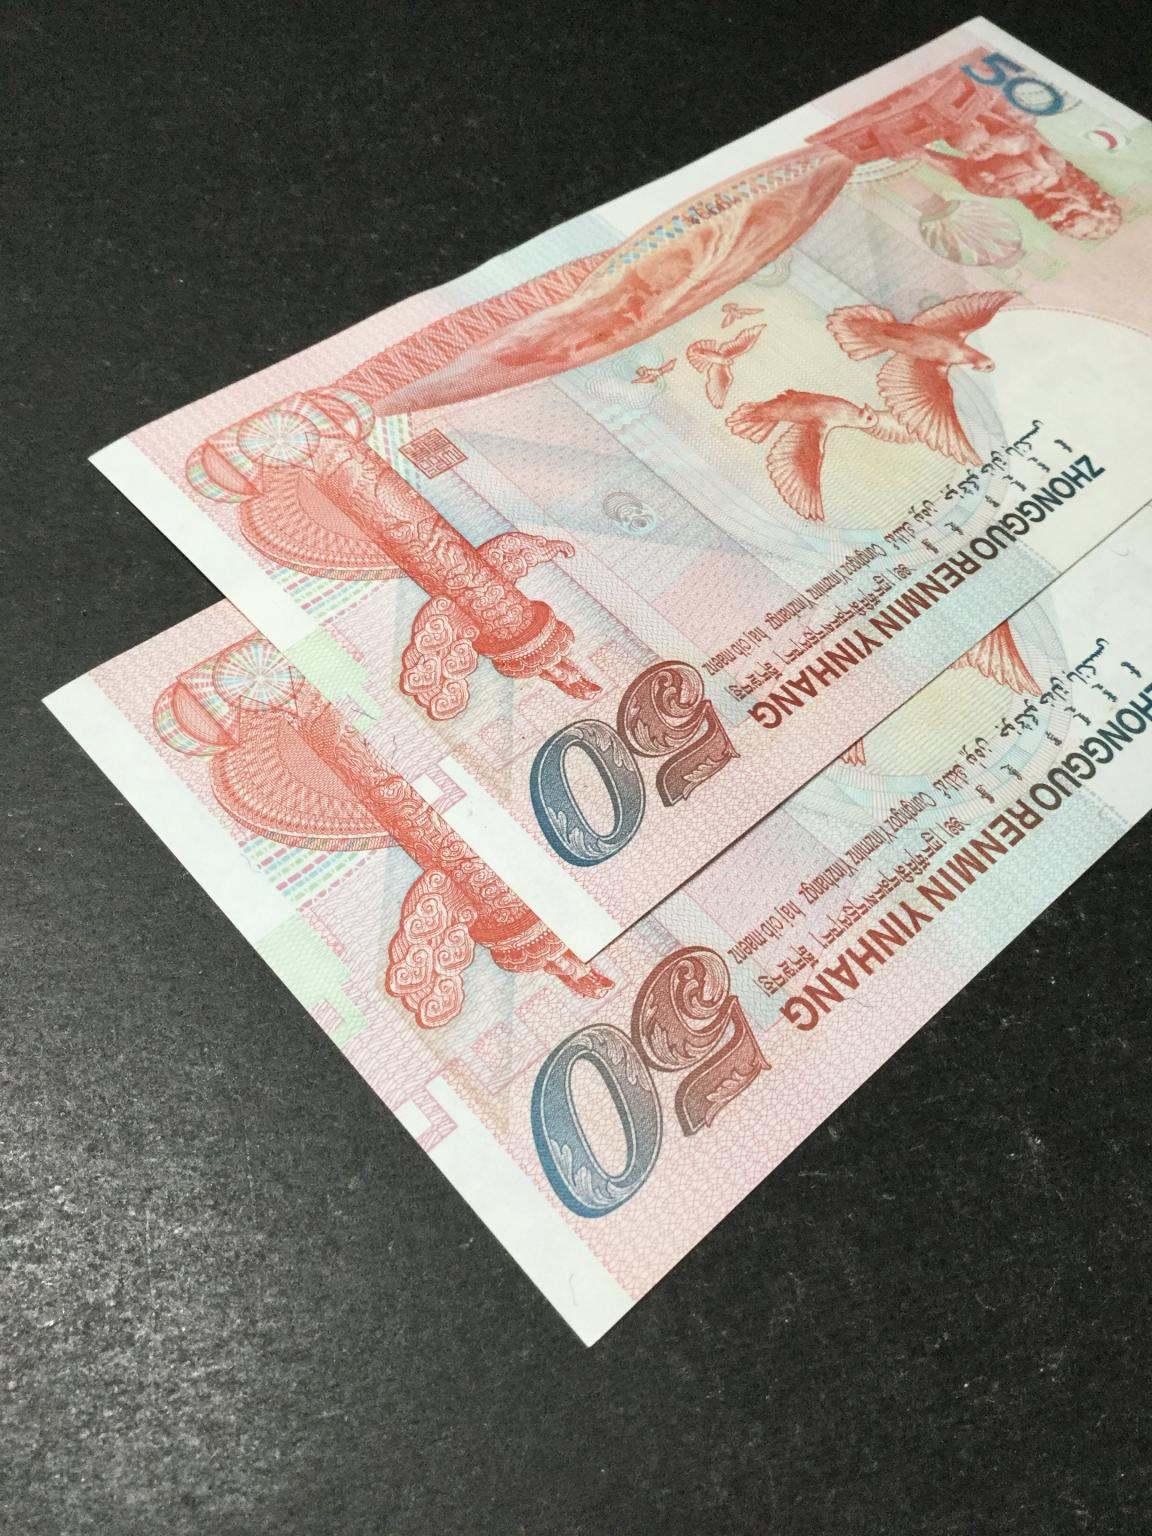 50周年钞值多少钱及价值浅析